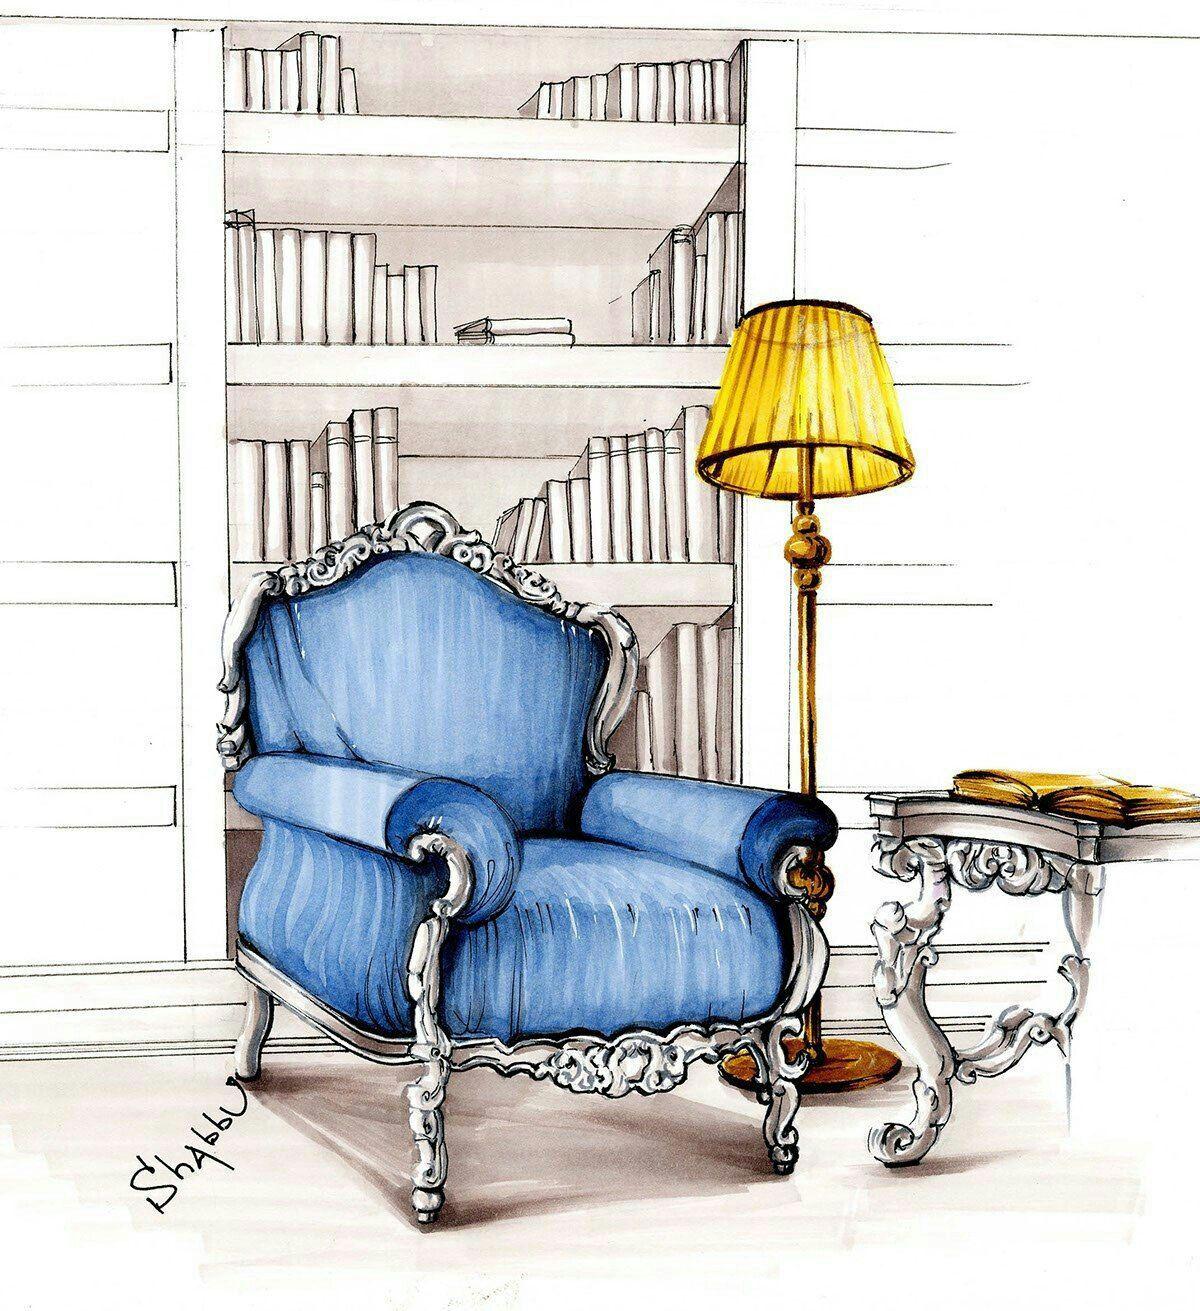 Skizzierung Skizzen Zeichnungen Innenarchitektur Architekten Interior Design Portfolios Designs Zeichnen